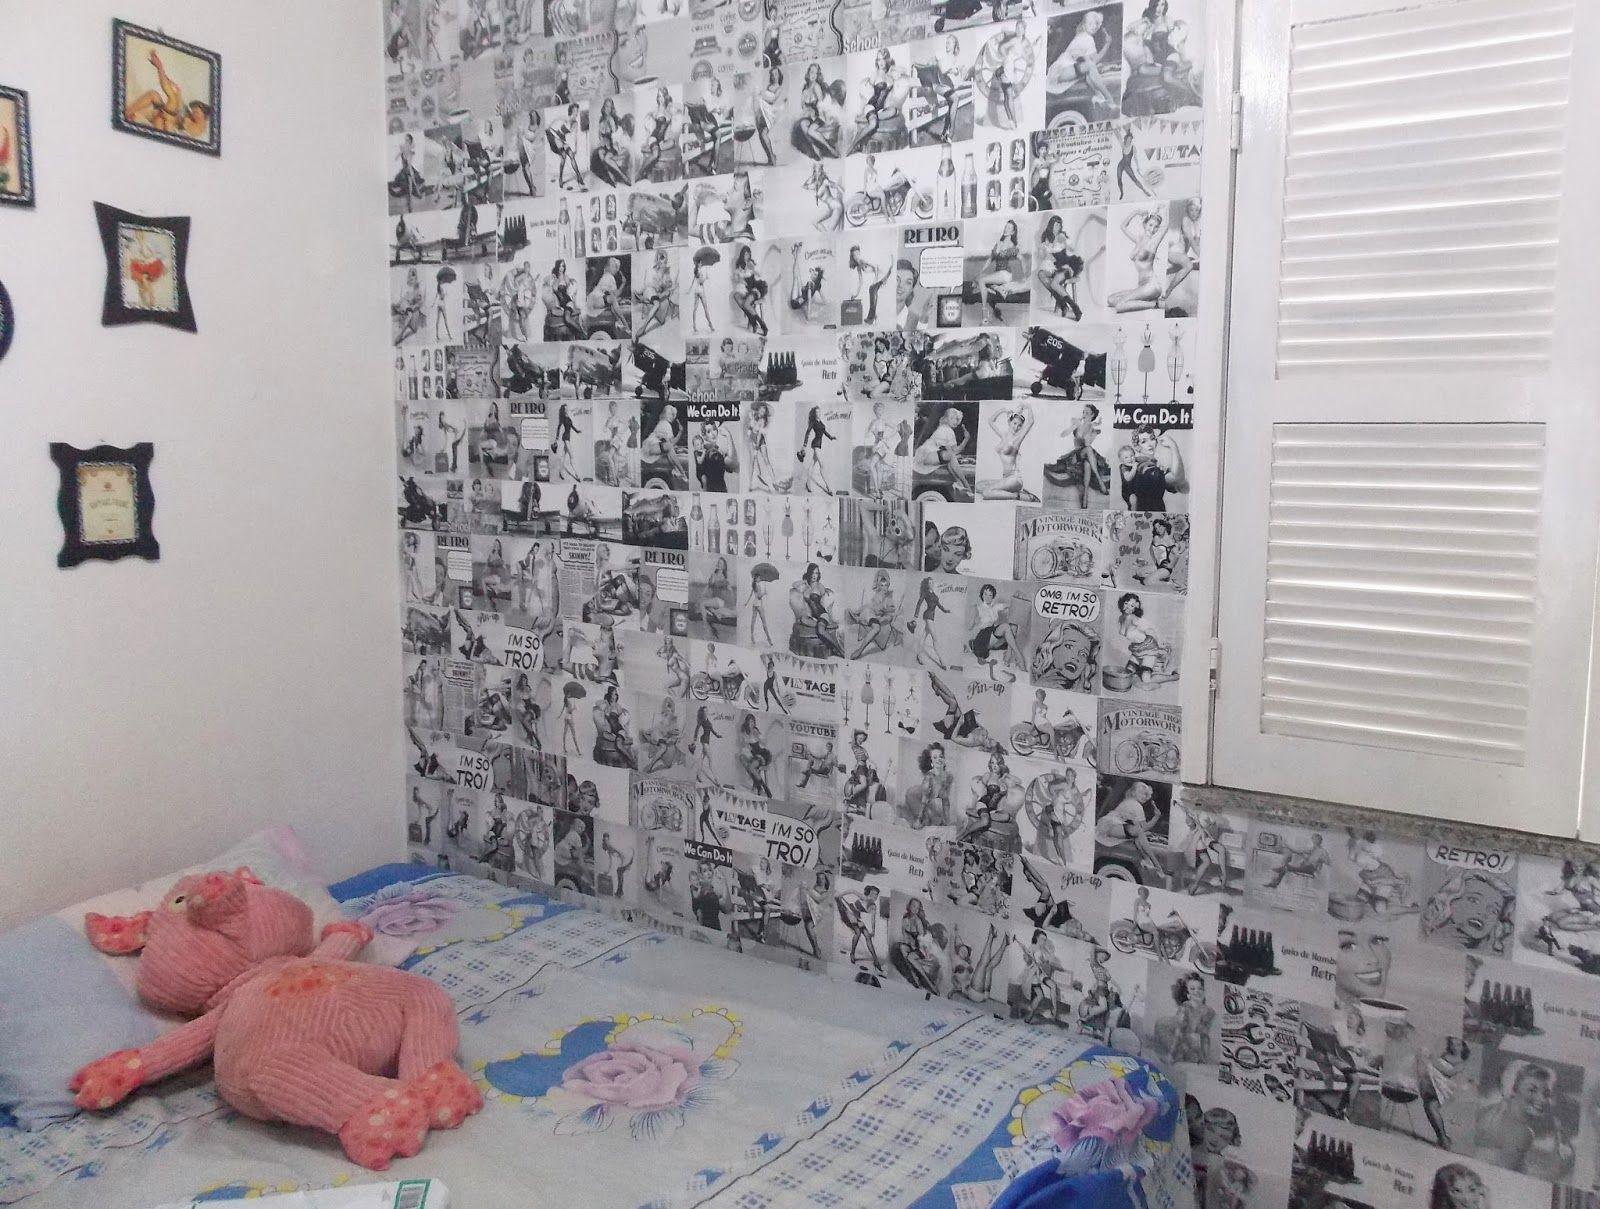 Blog Ana Carvalho | Lifestyle e Customização: DIY: faça seu próprio papel de parede